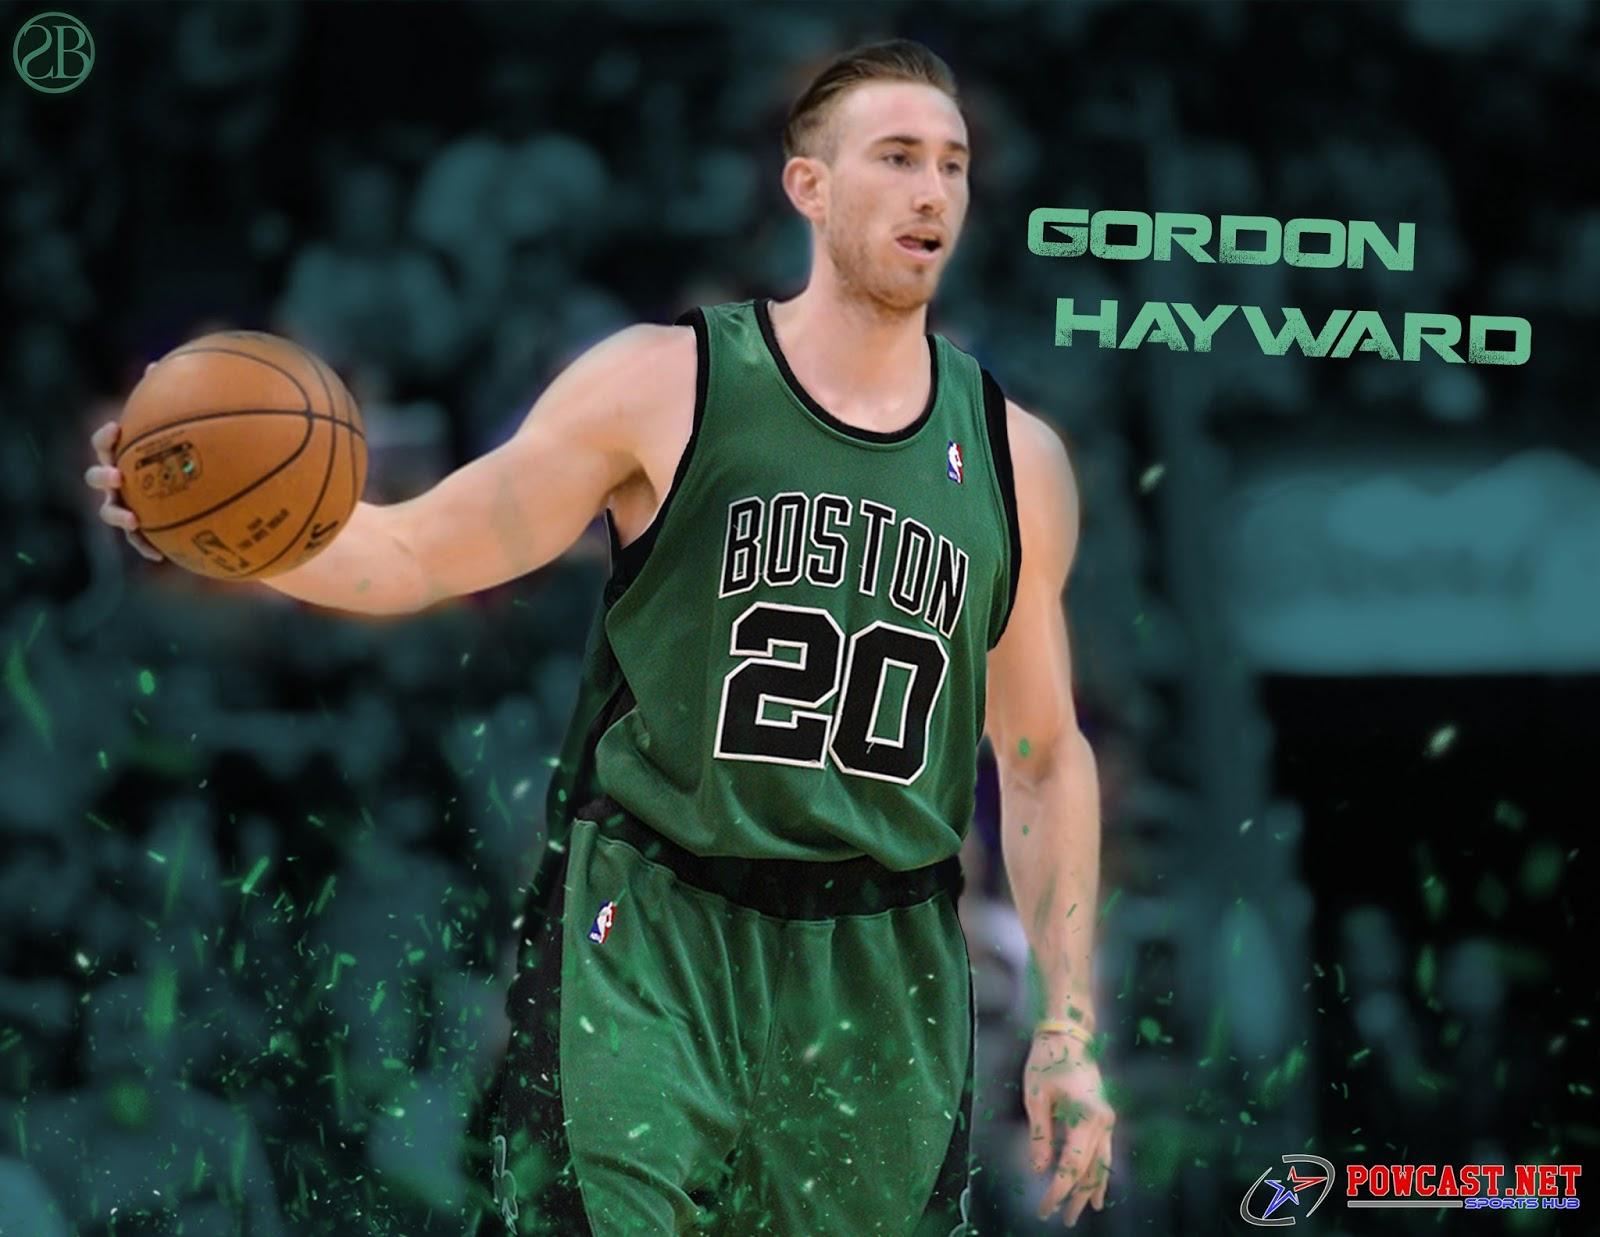 Nba Trade Rumors Gordon Hayward Unhappy With The Utah Jazz Wants To Be Traded Powcast Sports